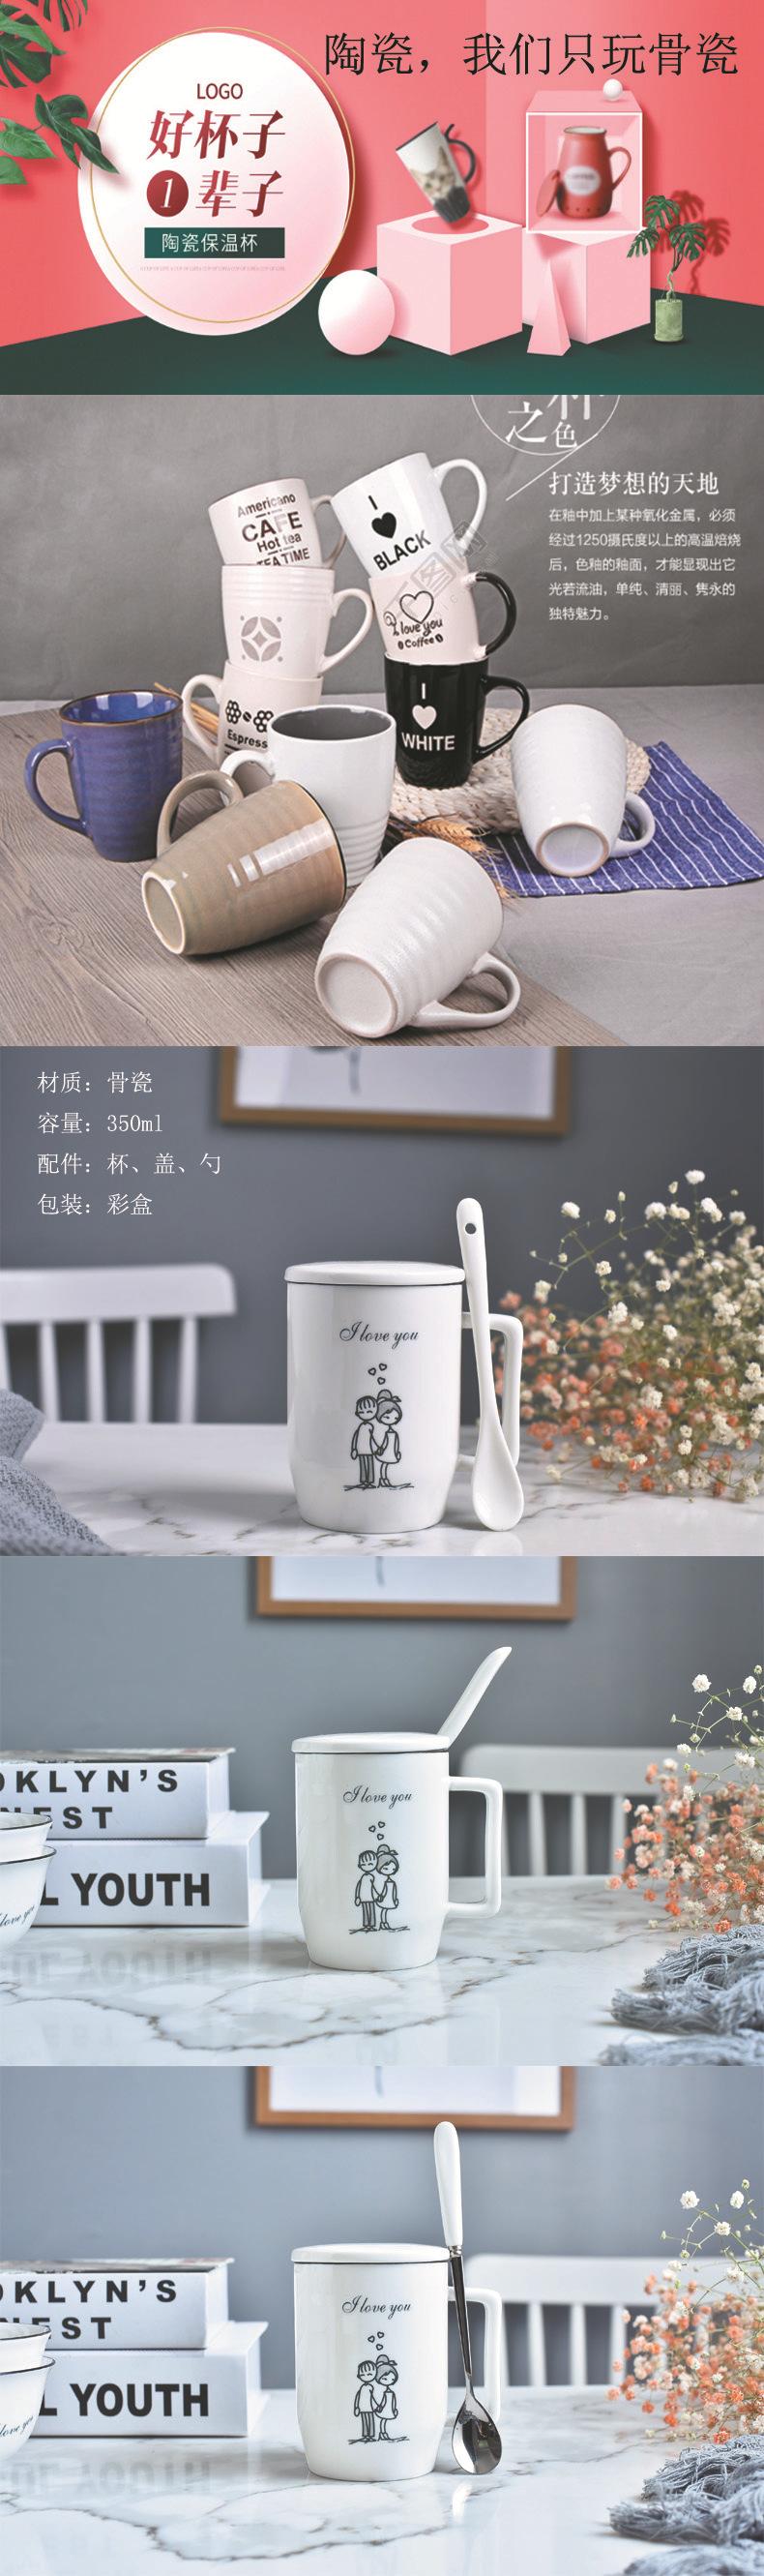 骨瓷马克杯定制logo 促销赠品陶瓷杯